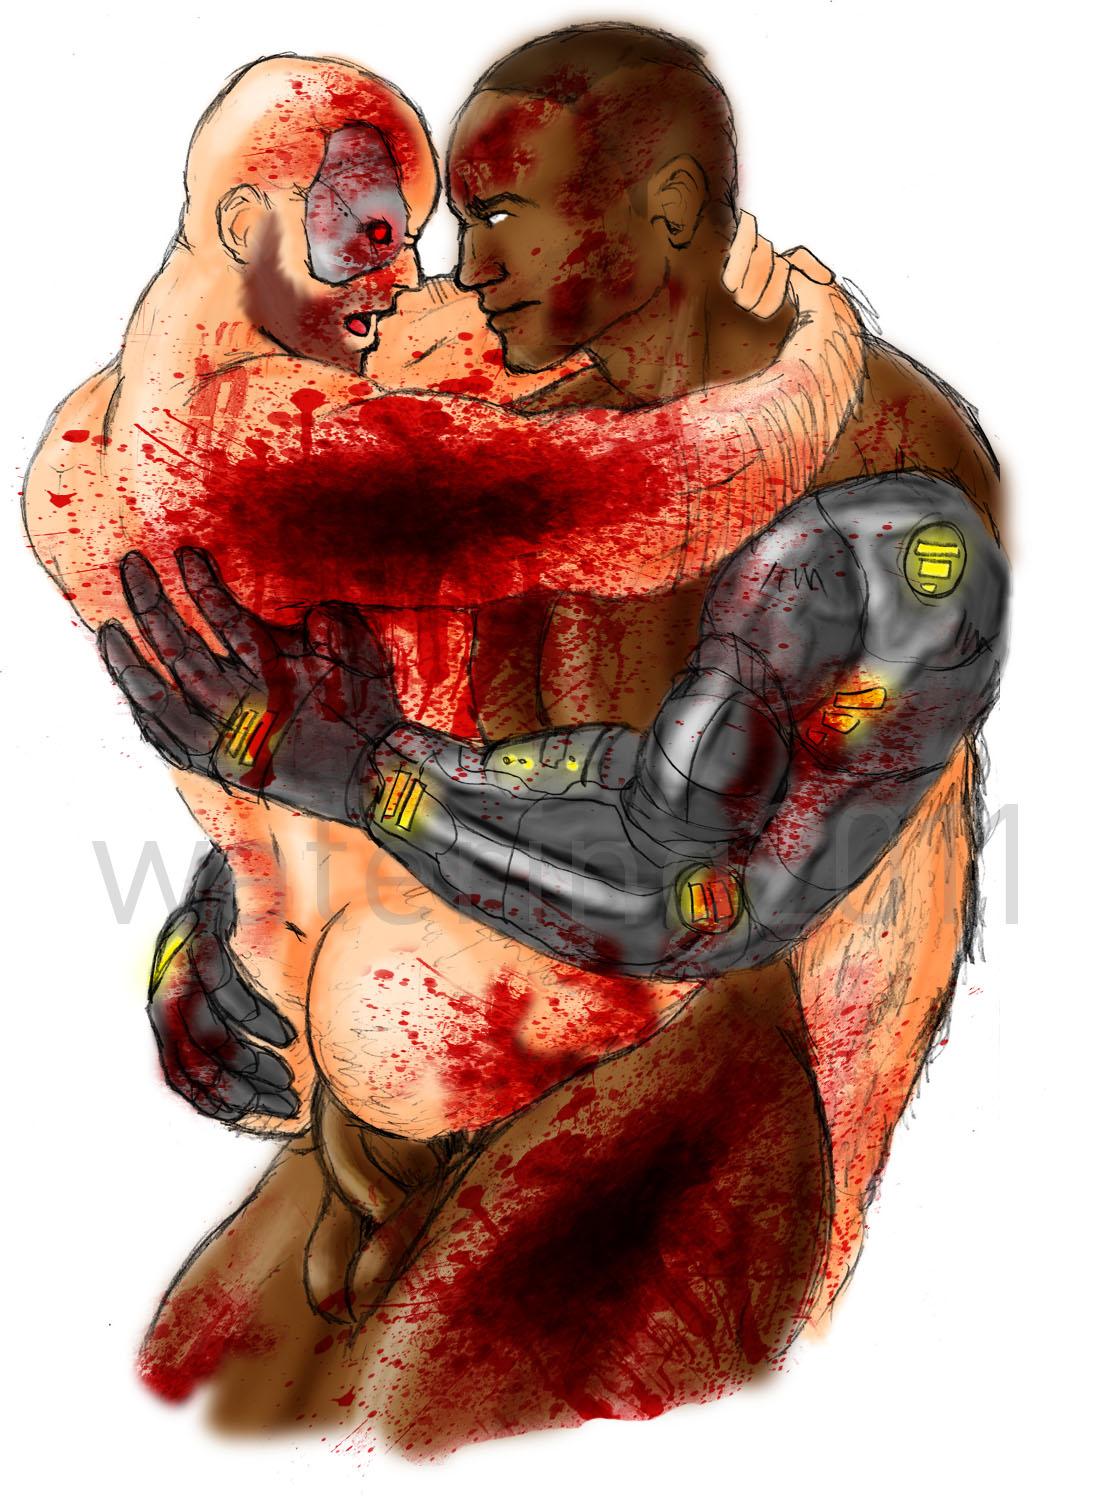 sonya kombat nude mortal blade Kore wa zombie desu ka haruna